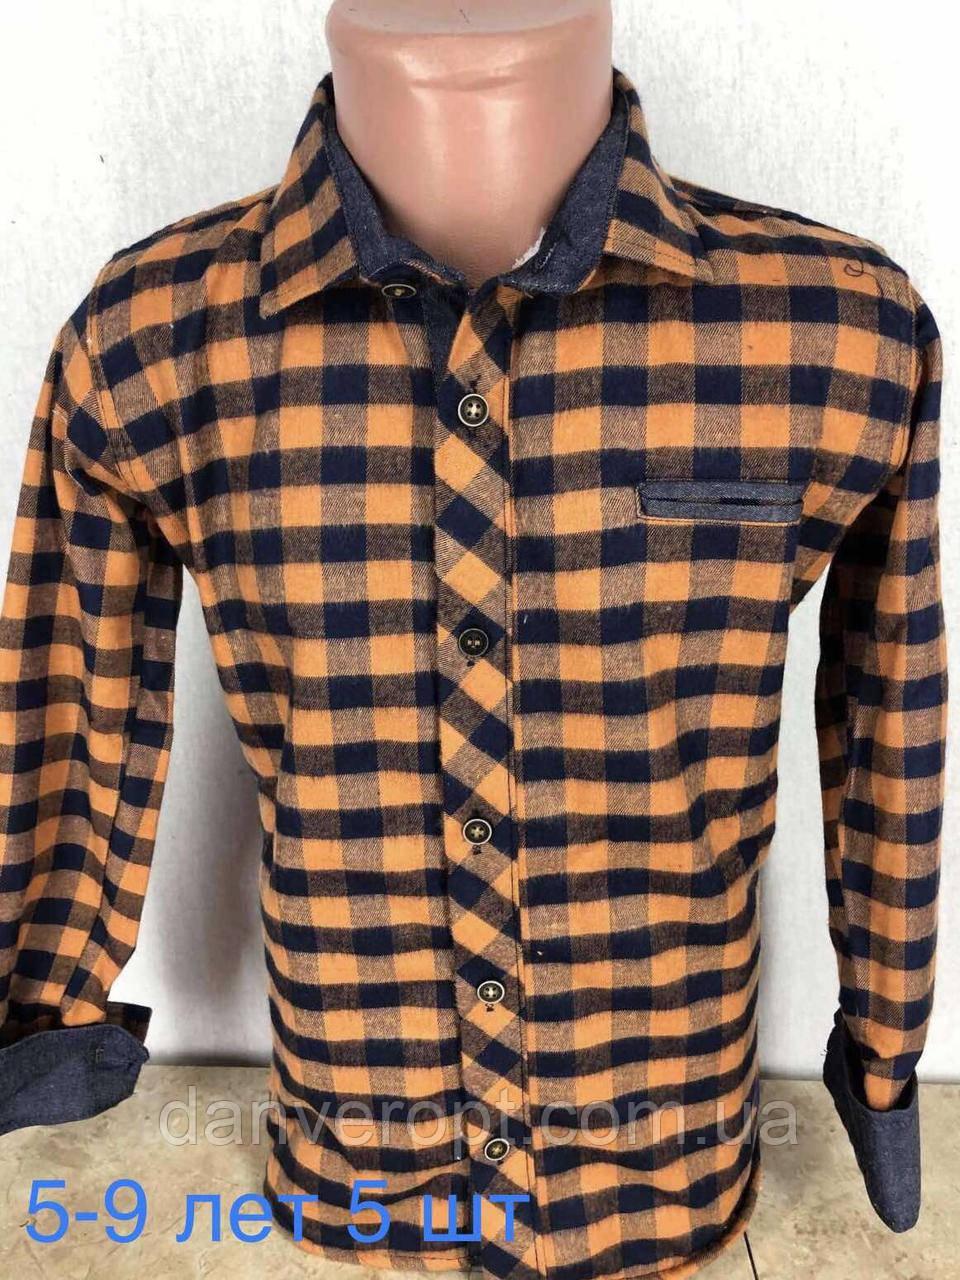 Рубашка детская стильная на меху на мальчика 5-9 лет купить оптом со склада 7км Одесса